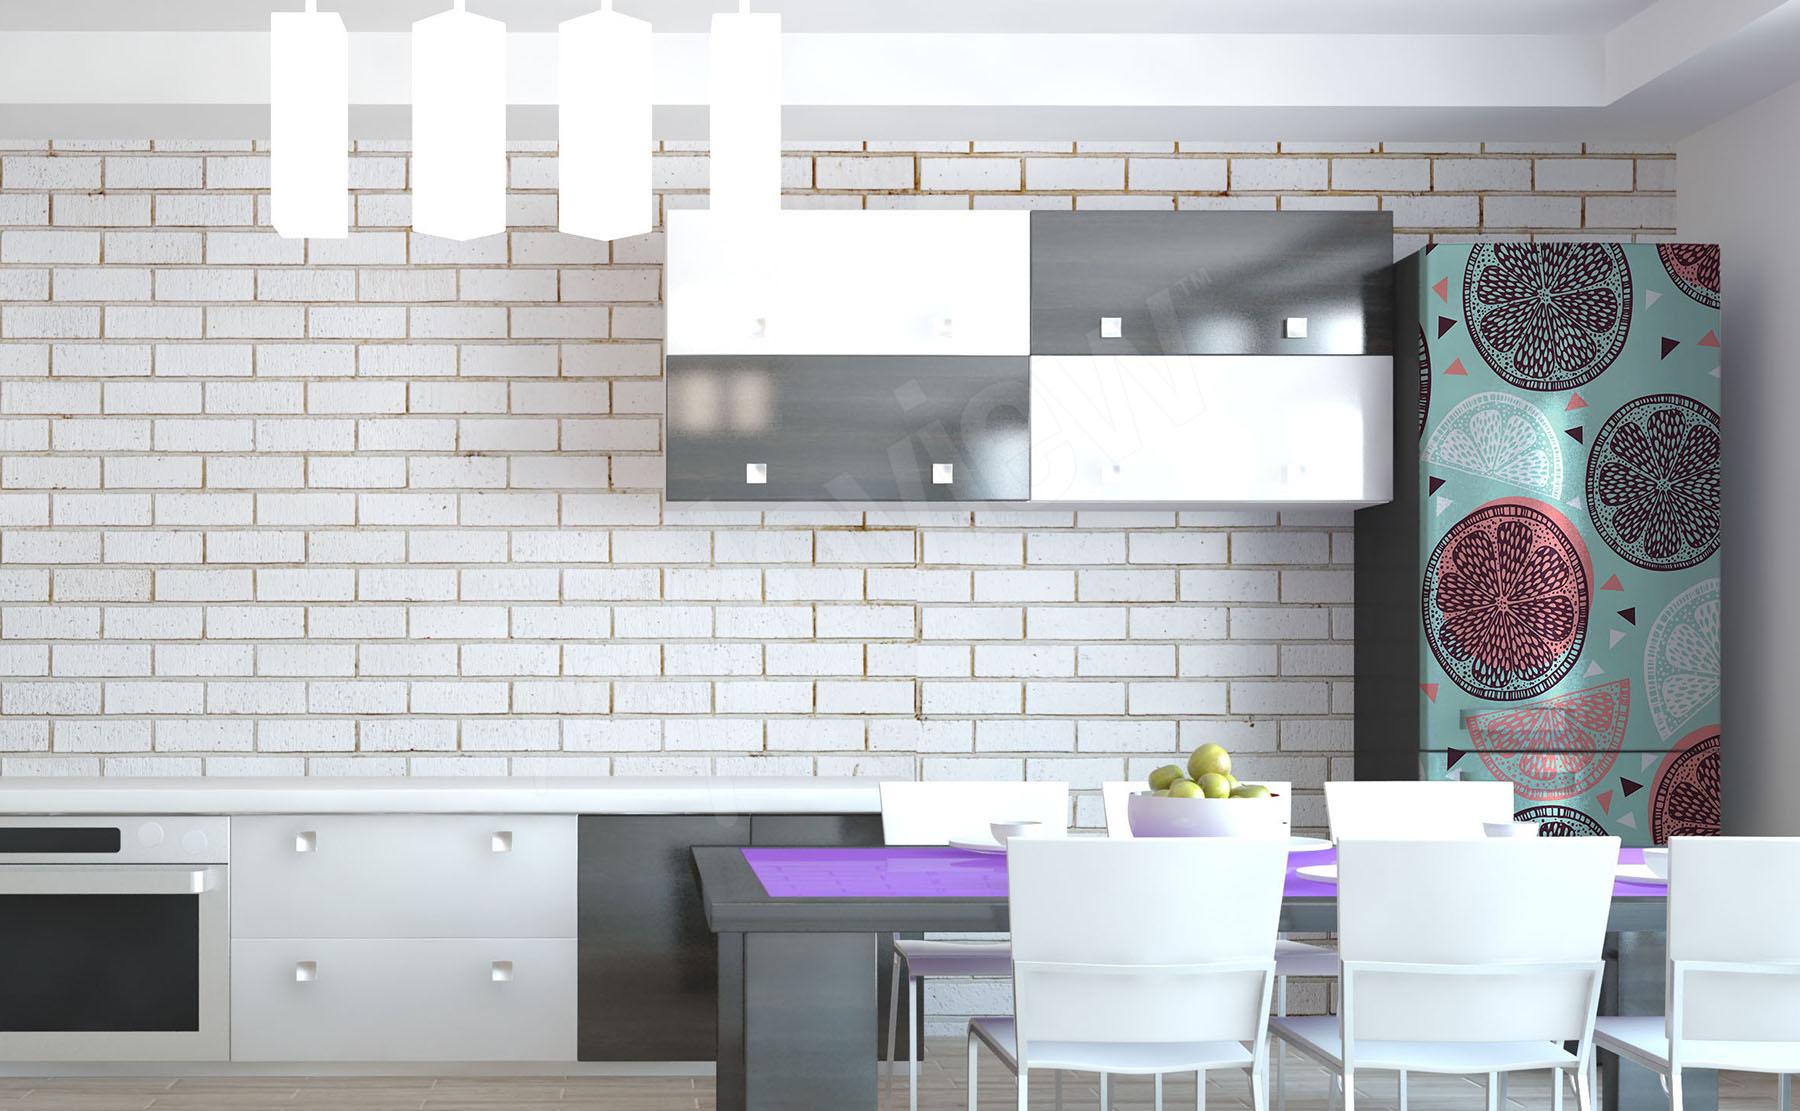 votre frigo vos murs/… couleur violet 3 Stickers splash une belle tache pour votre auto